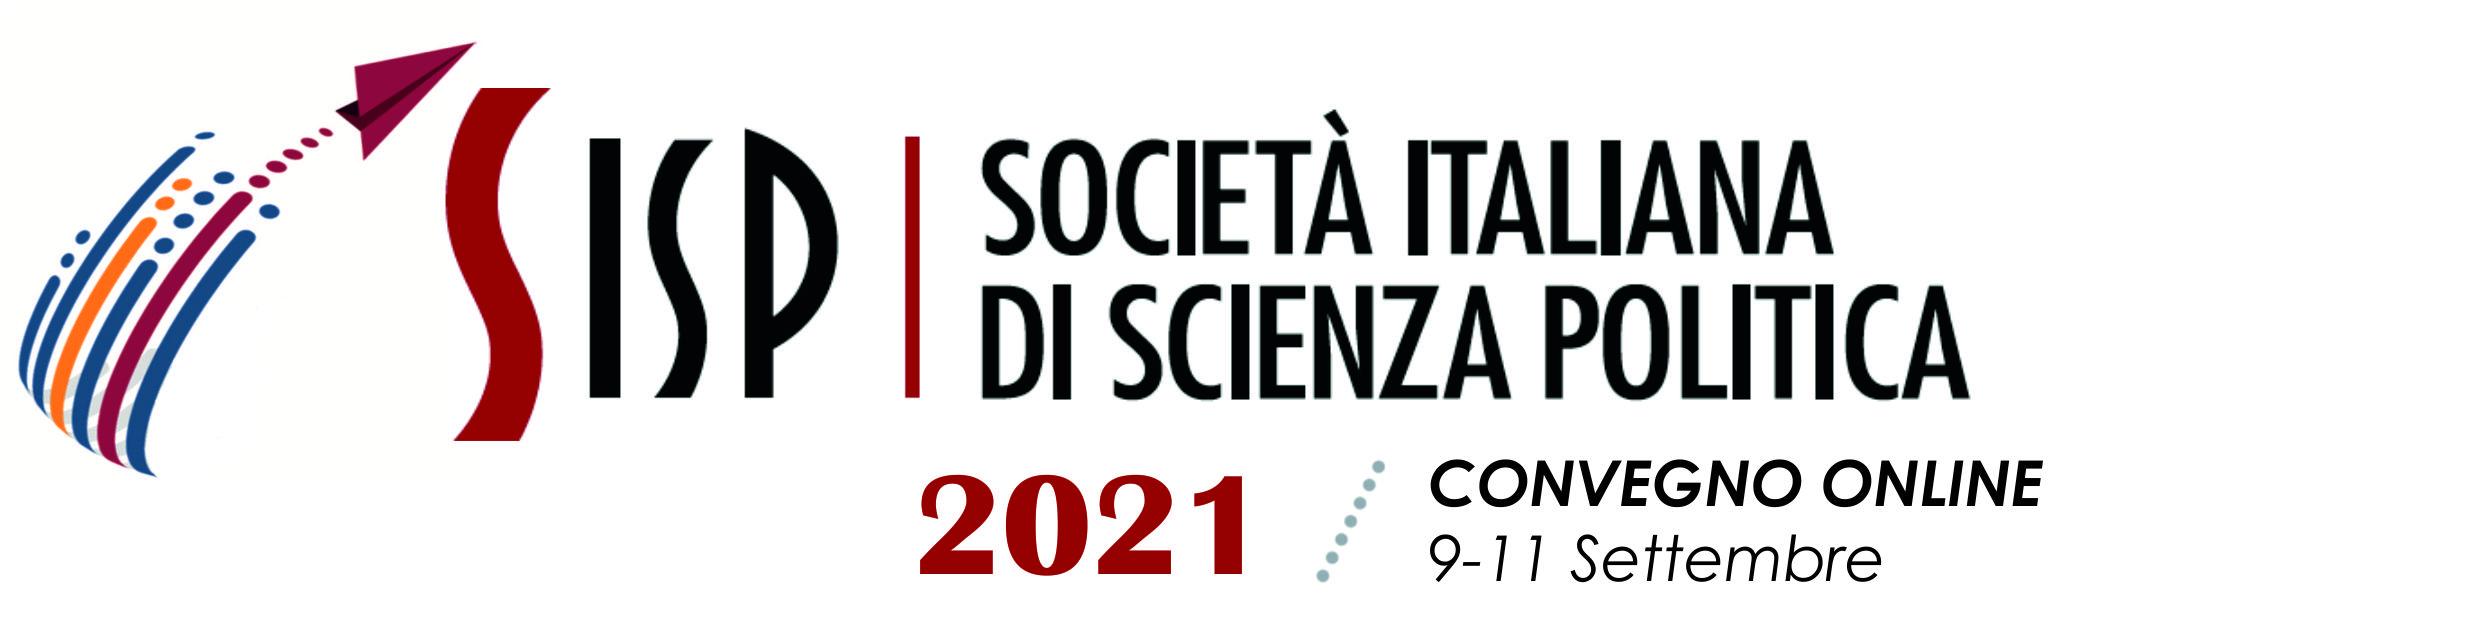 Convegno SISP 2021